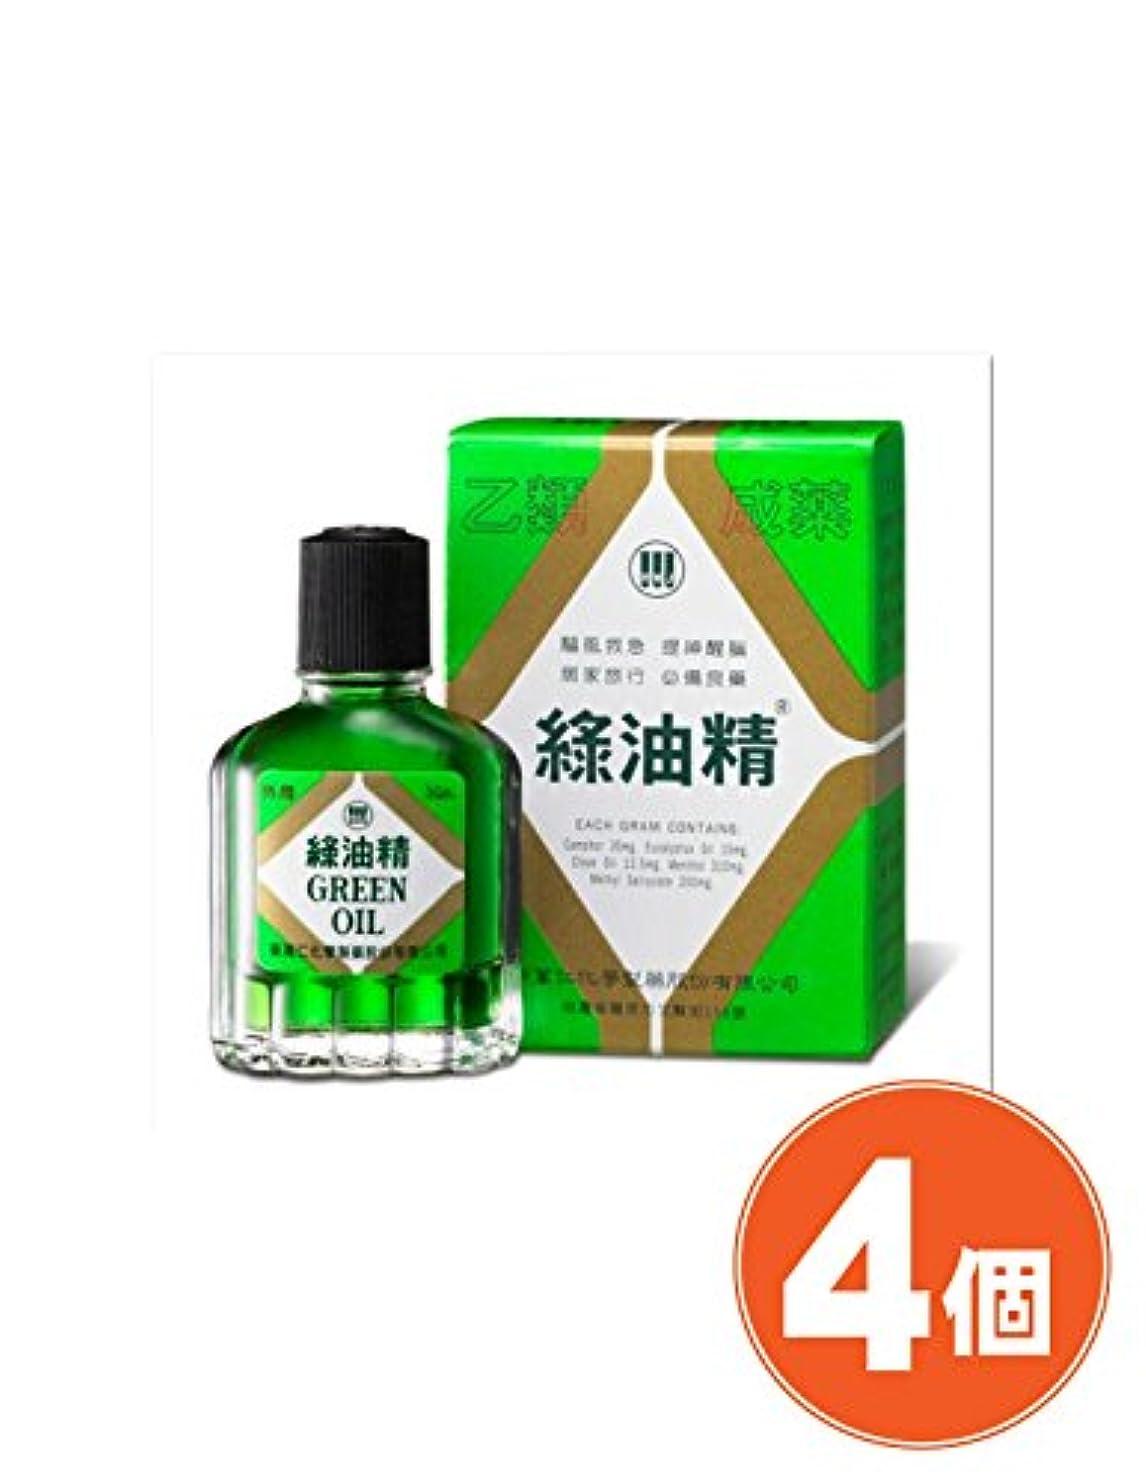 マディソンちっちゃいウサギ《新萬仁》台湾の万能グリーンオイル 緑油精 3g ×4個 《台湾 お土産》 [並行輸入品]